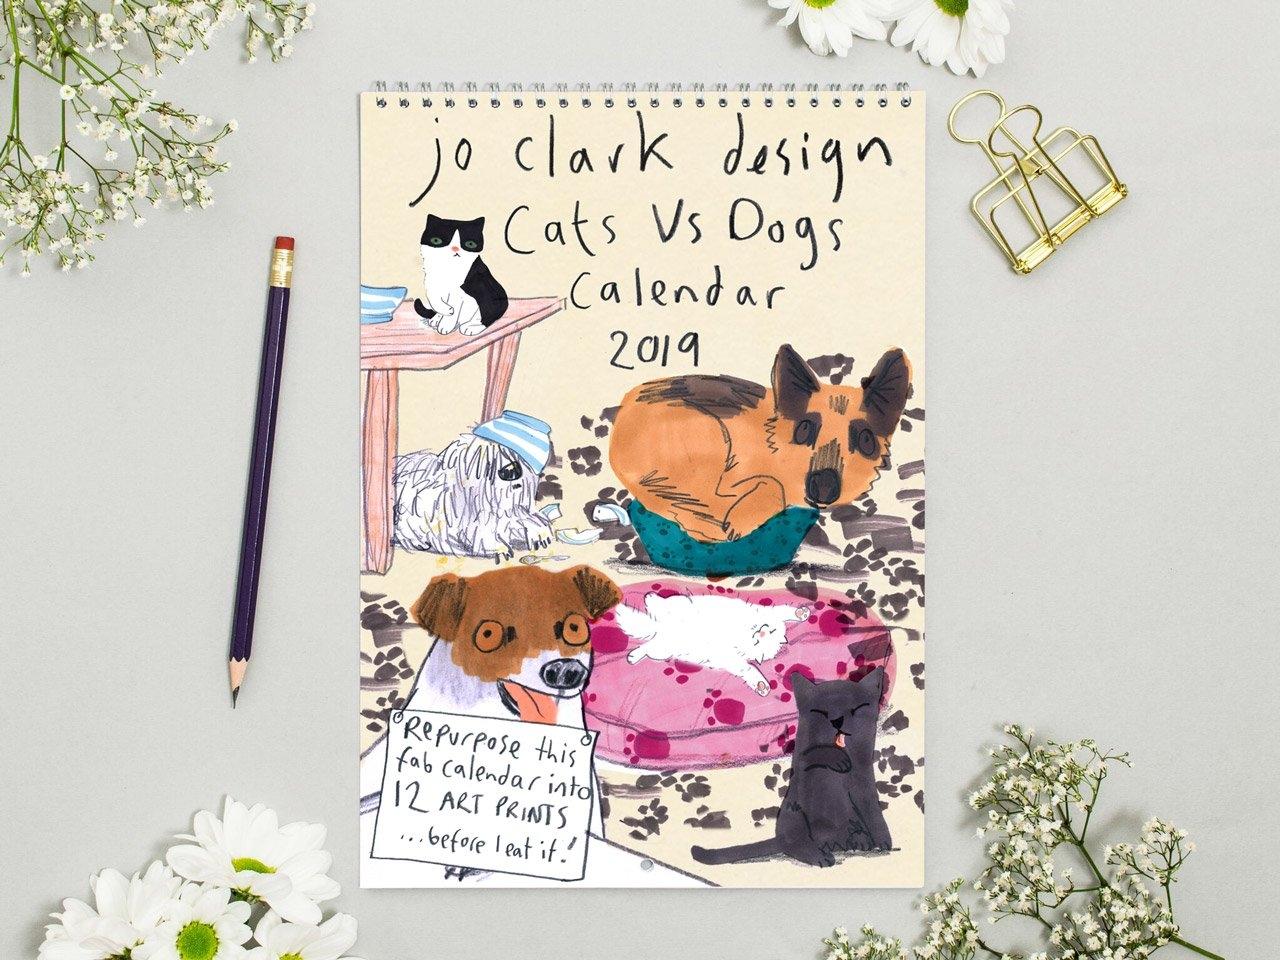 Cats Vs Dogs Calendar 2019 - Jo Clark Design Calendar 2019 Dogs